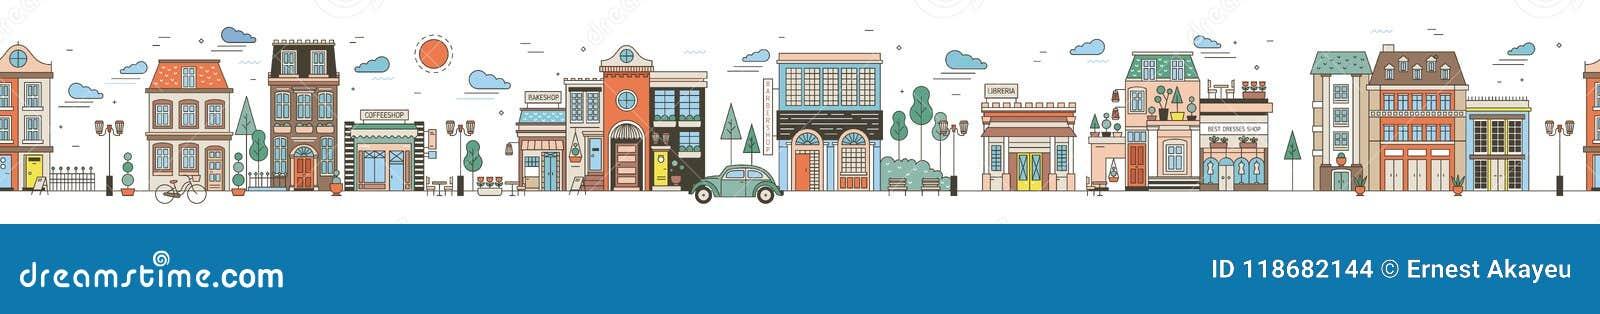 Paysage urbain horizontal sans couture avec la rue de ville Paysage urbain avec de beaux bâtiments, maisons résidentielles, bouti